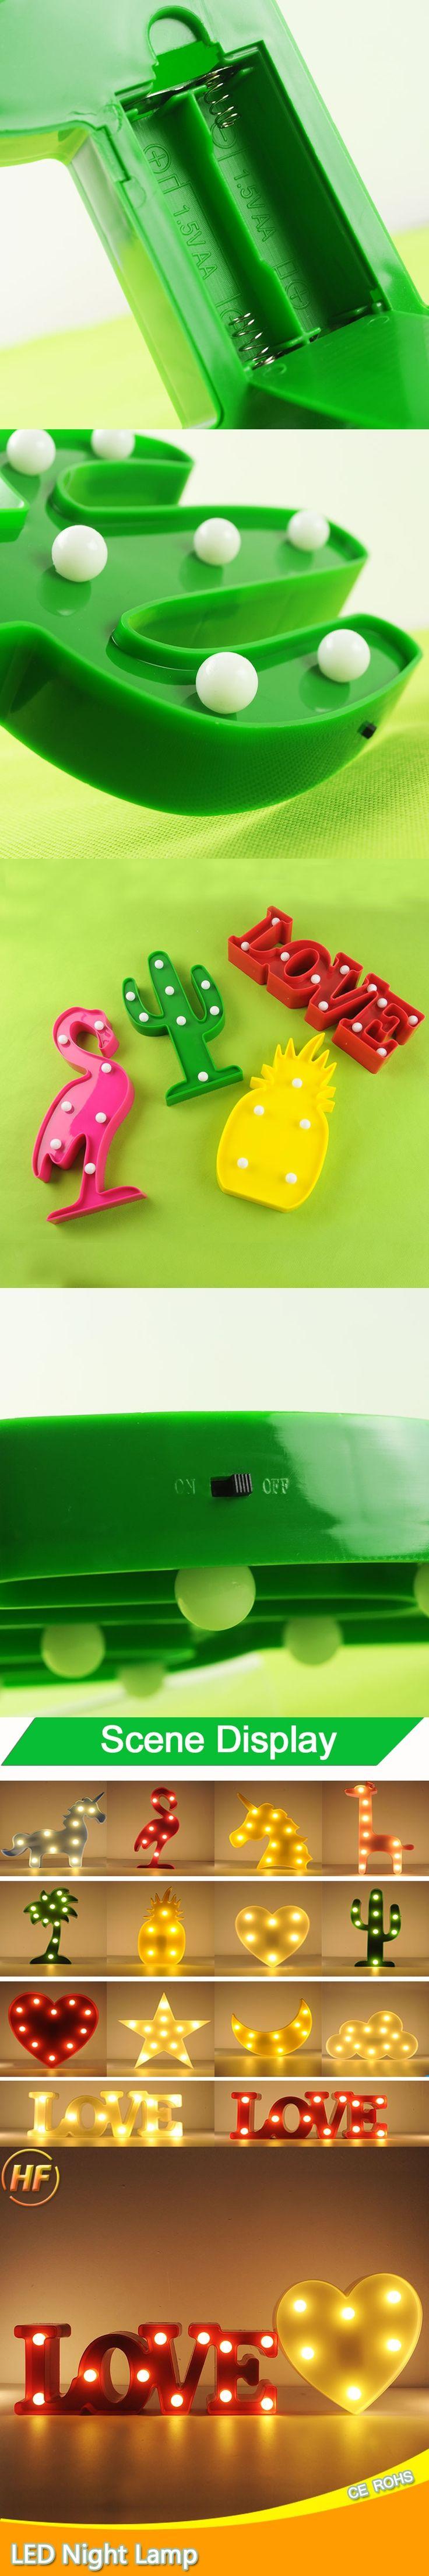 Coconut Heart Lamp light Novelty Luminaria 3D LED Night Light Battery Heart Powered Lamp Bulb Nightlight For Children Decor